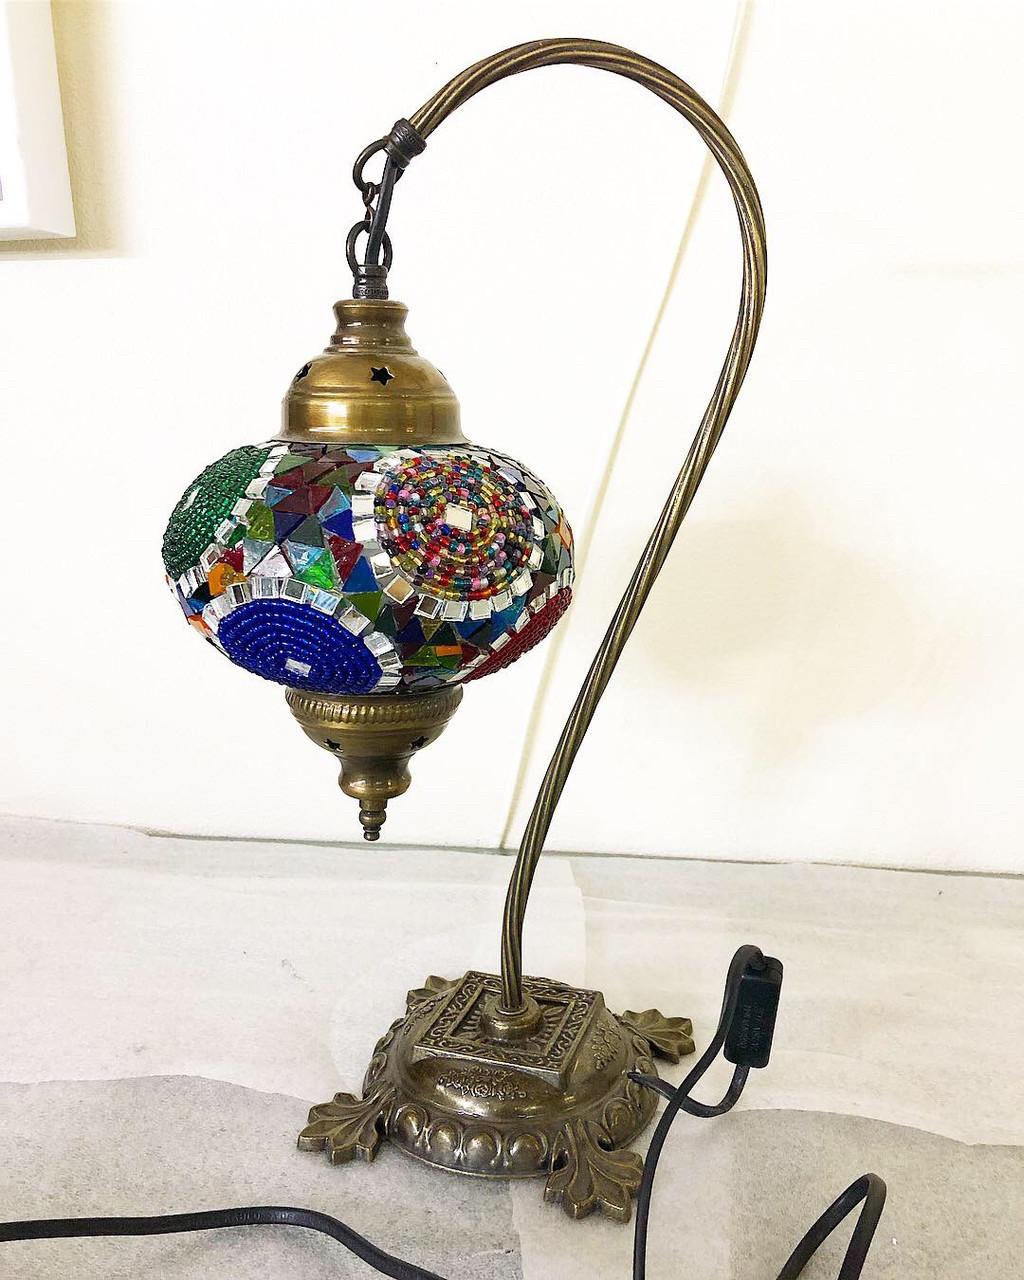 Настольный изогнутый турецкий светильник кэмэл  Sinan из мозаики ручной работы цветной2